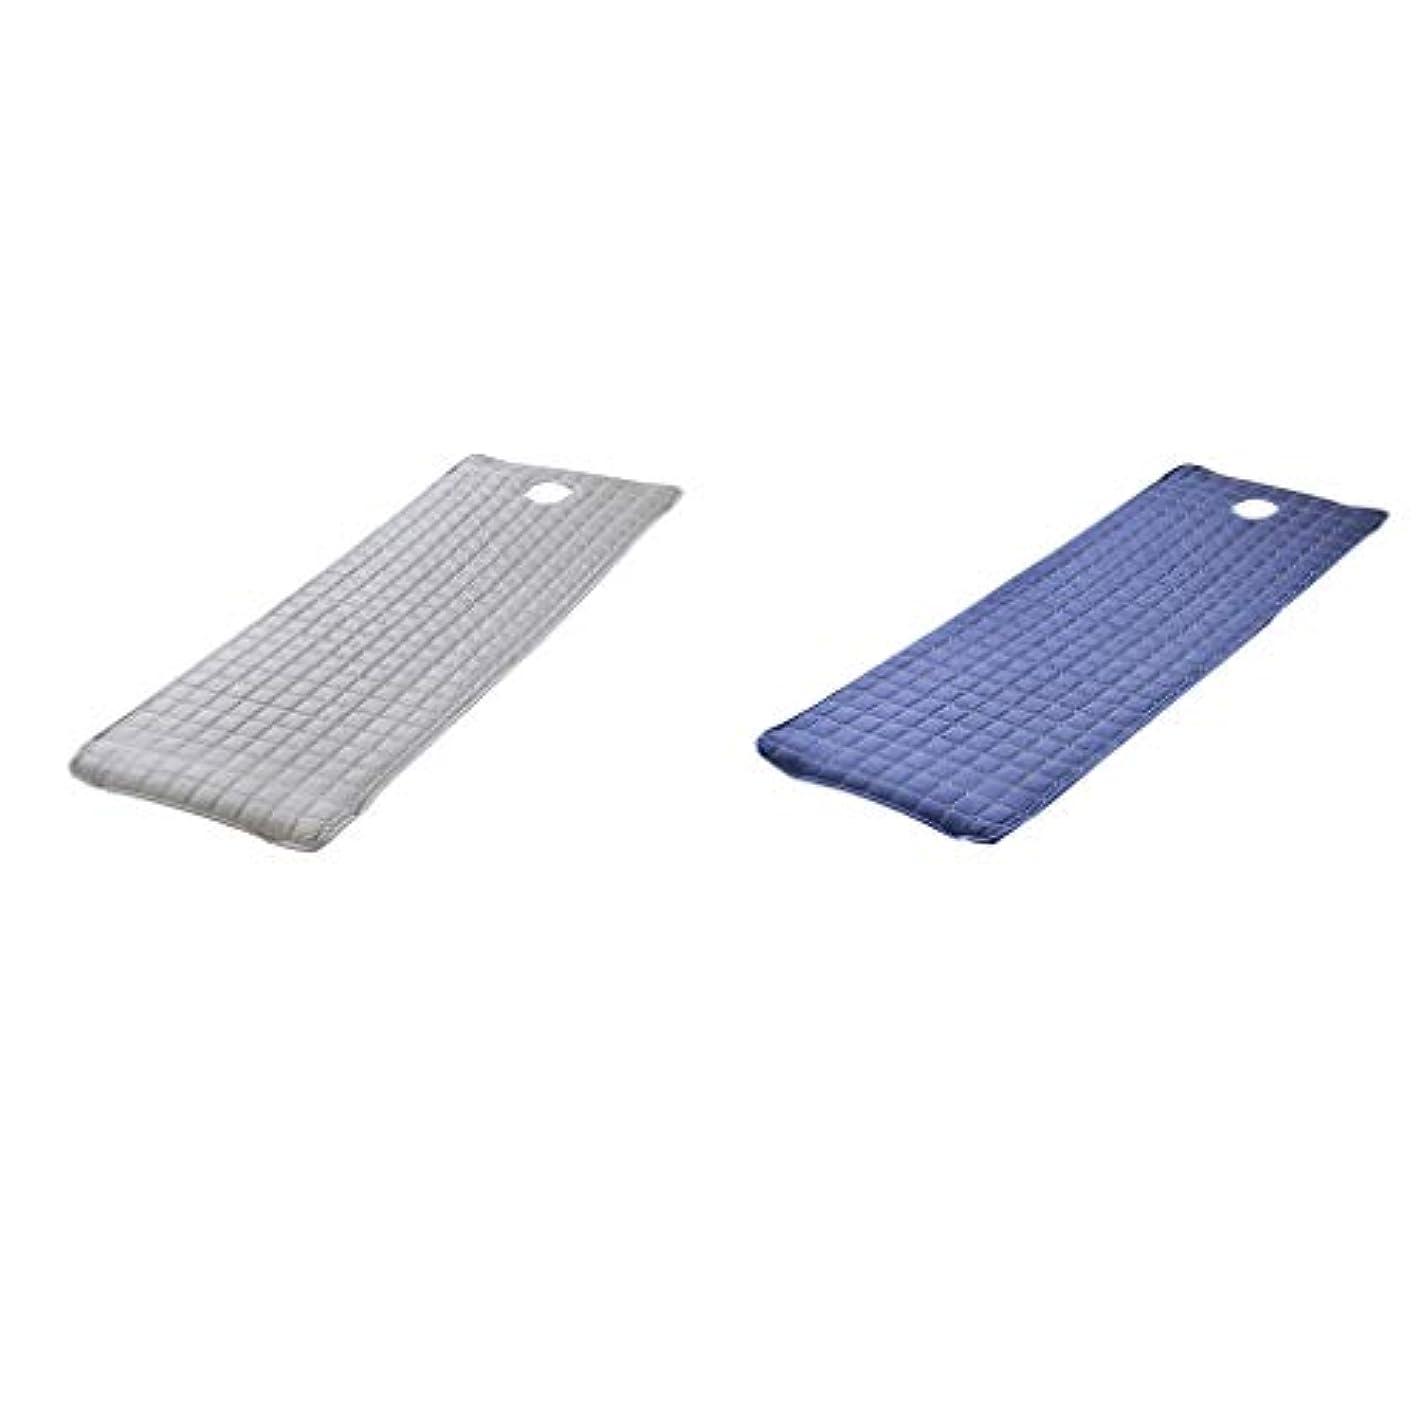 ジョブ適切な属性sharprepublic ベッドタオル ベッドシート ベッドカバー エステカバー マットレス マッサージ 美容用 180x60cm 2個入